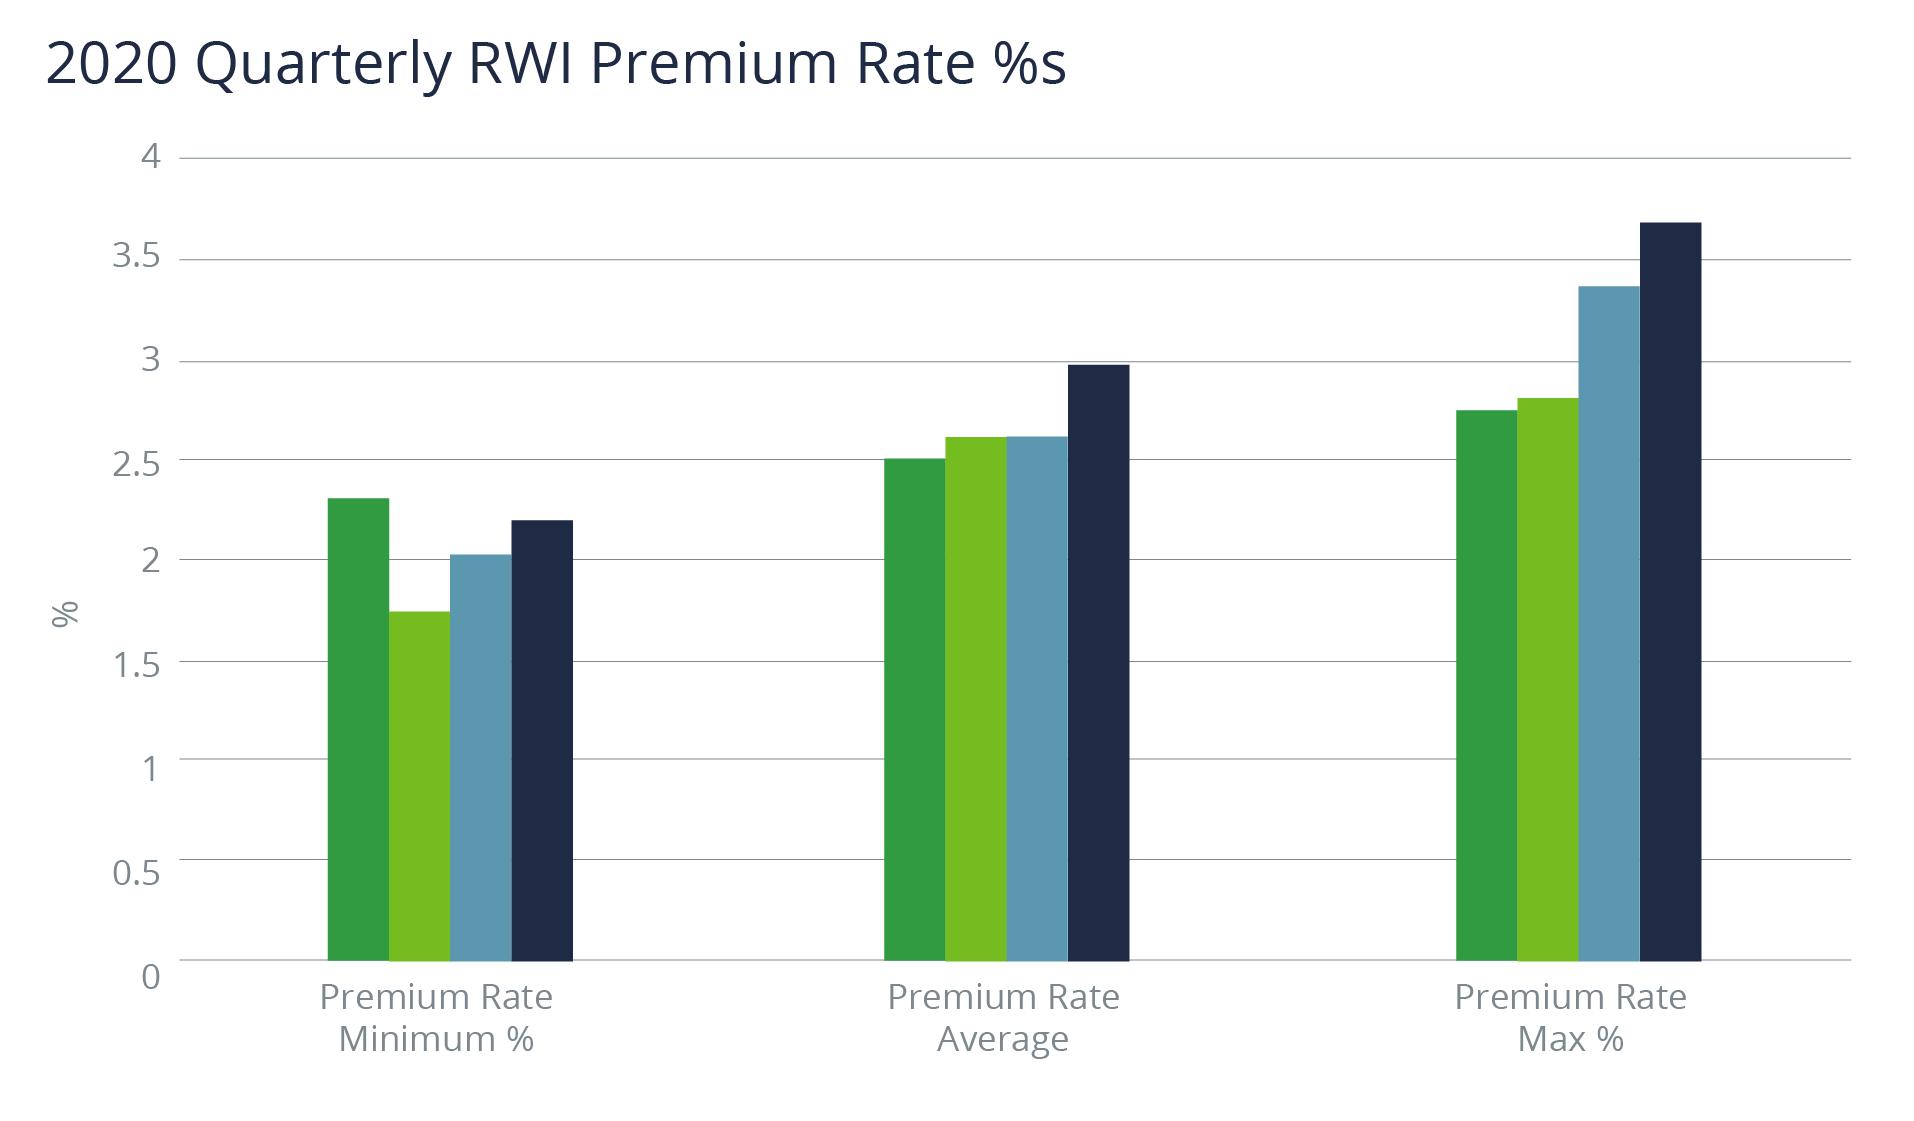 2020 Quarterly RWI Premium Rate Percentages